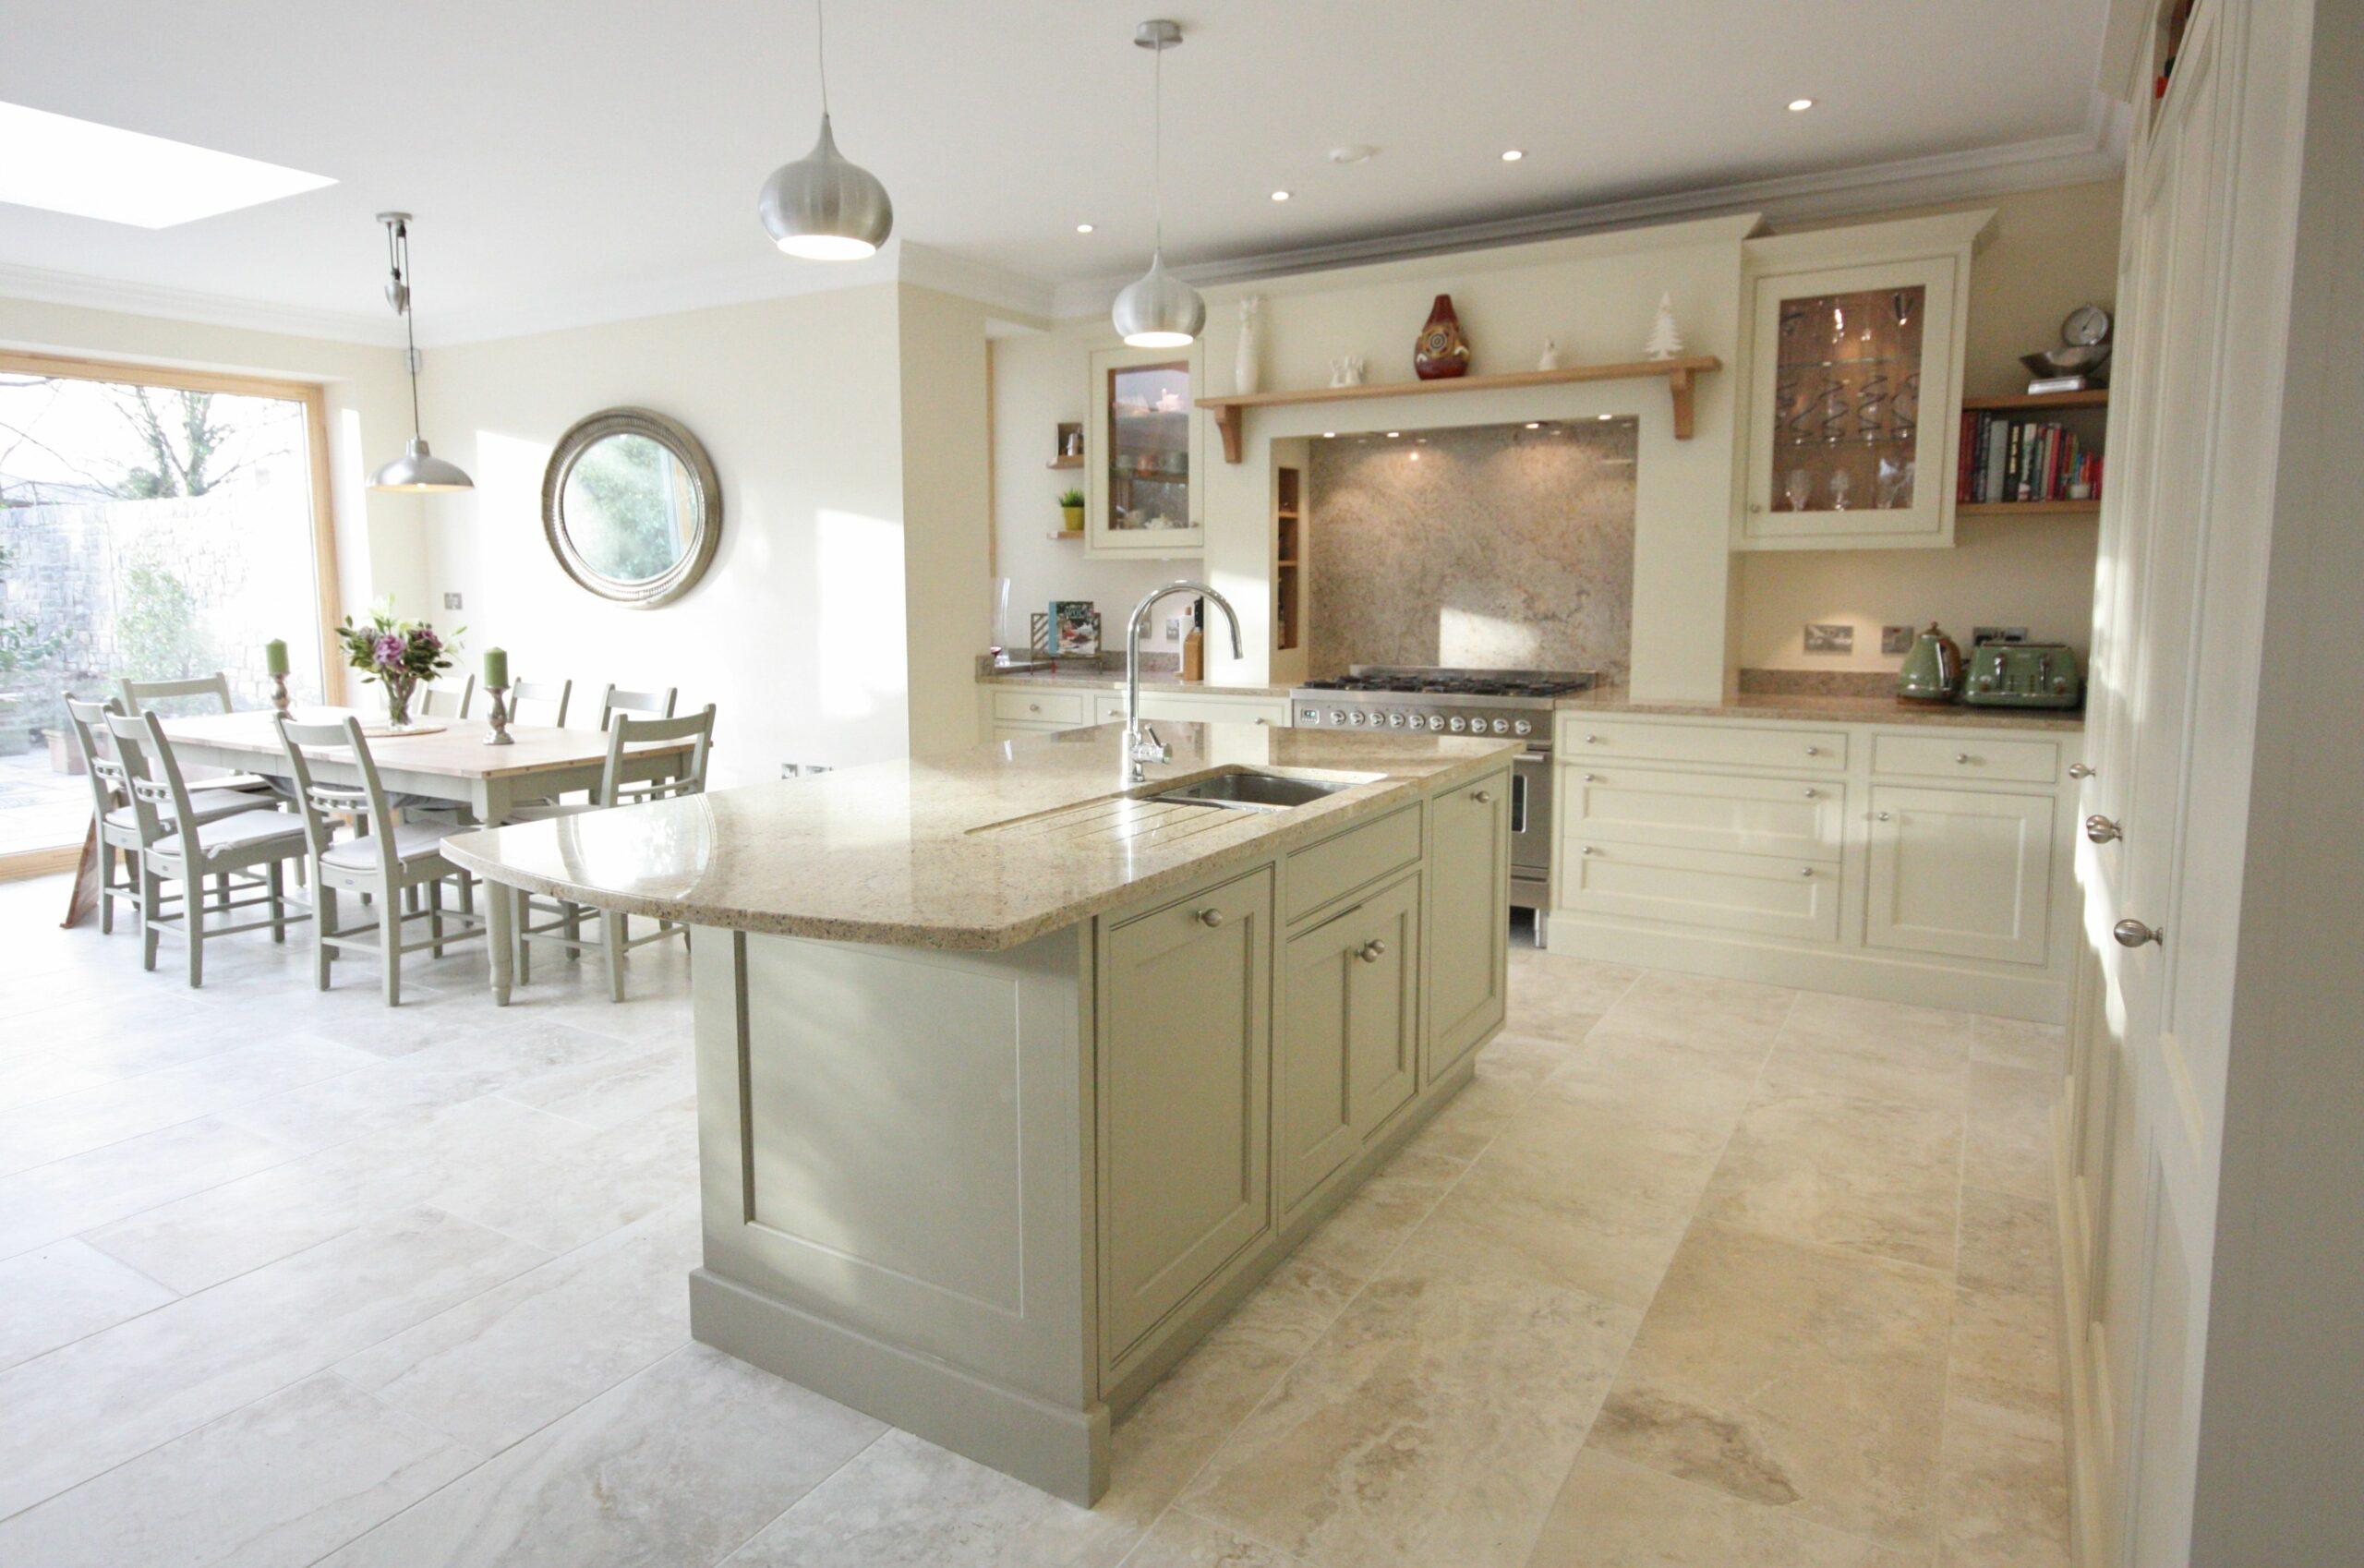 Luxury Bespoke Kitchens Ireland